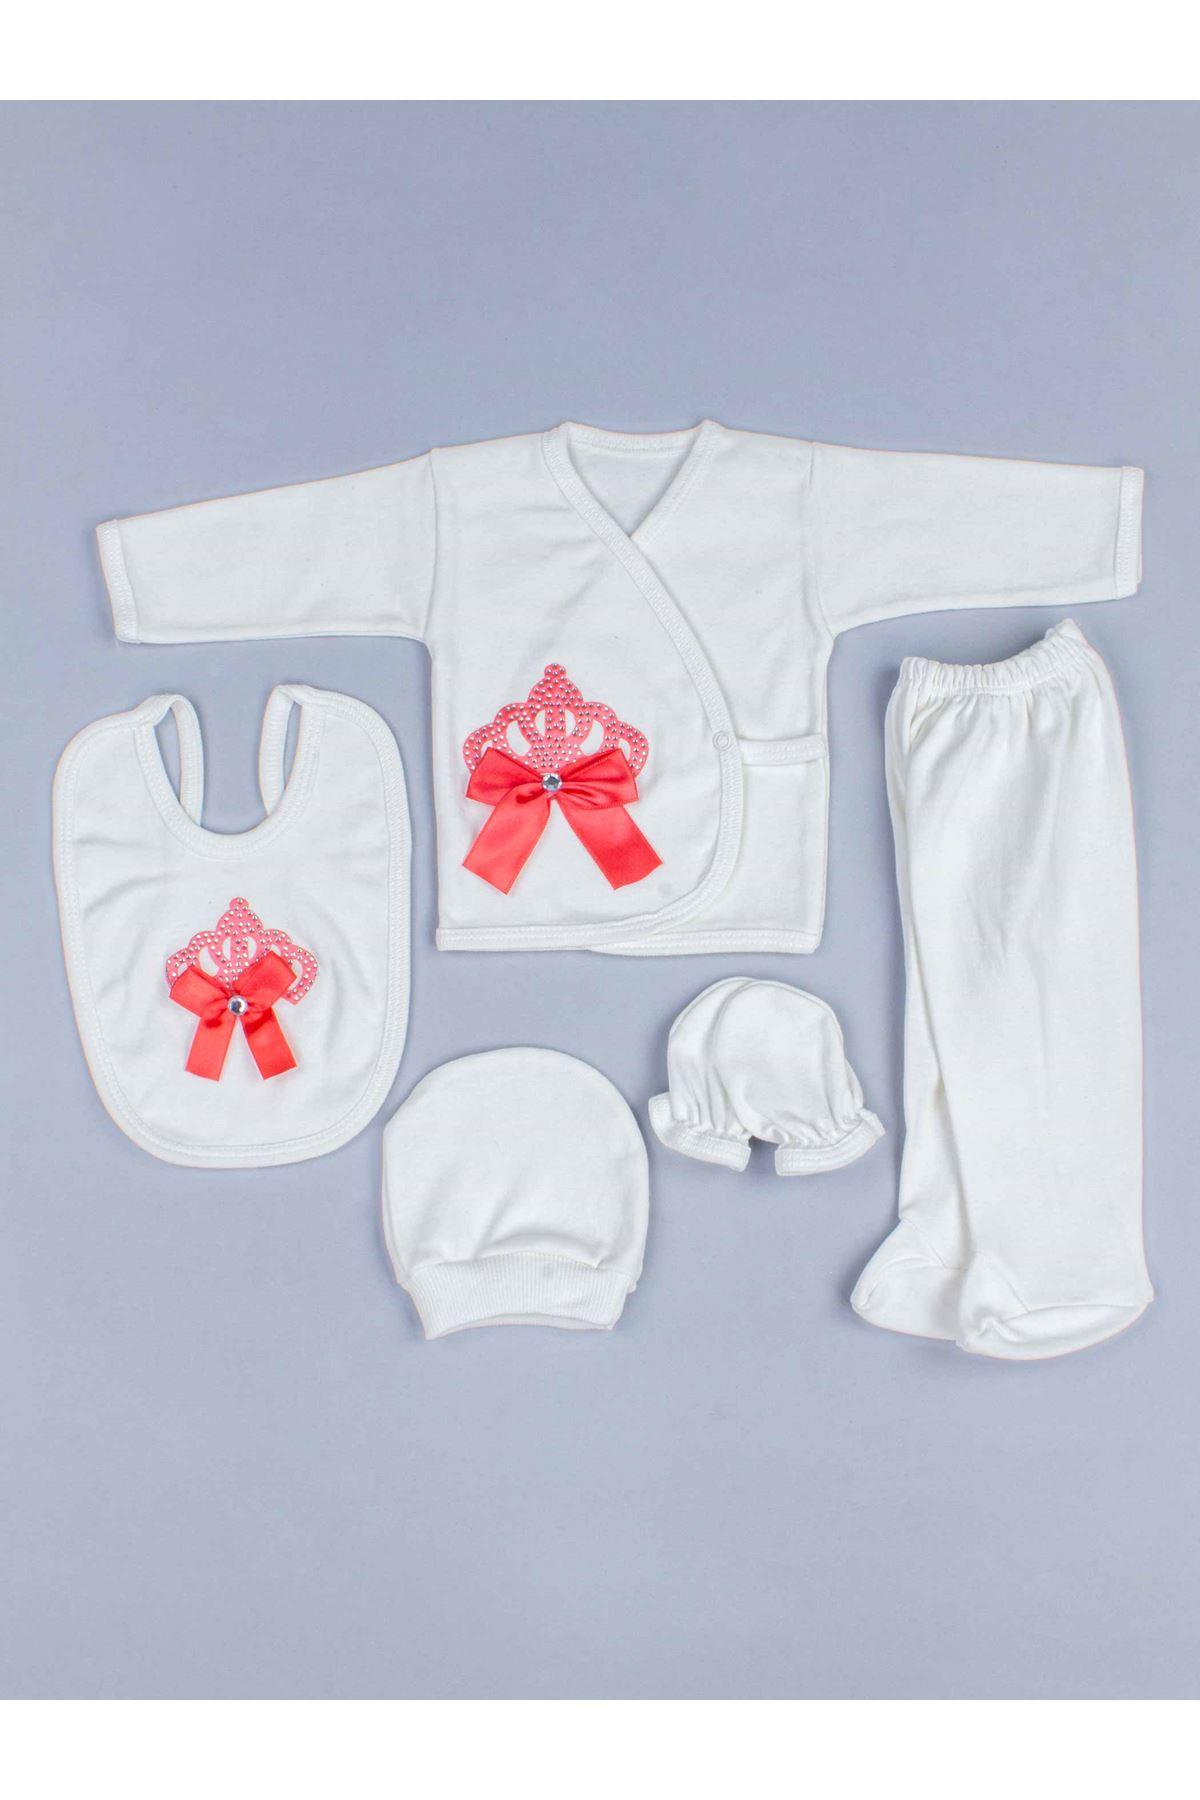 Narçiçeği Kraliçe Taçlı Kız Bebek 5 li Hastane Çıkışı